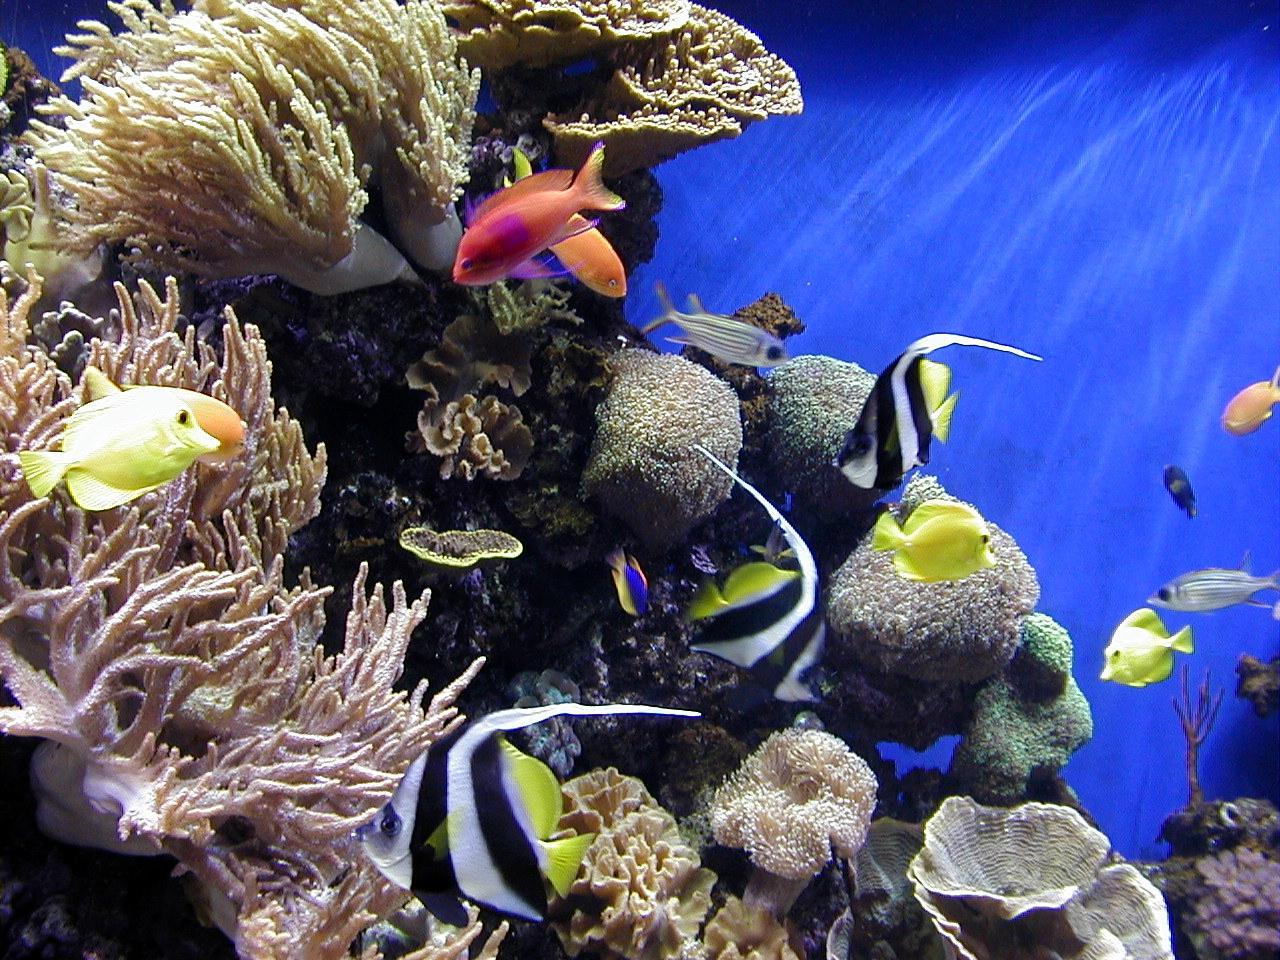 Aquarium Hintergrundbilder Kostenlos - Google Play Store: Die besten und schönsten